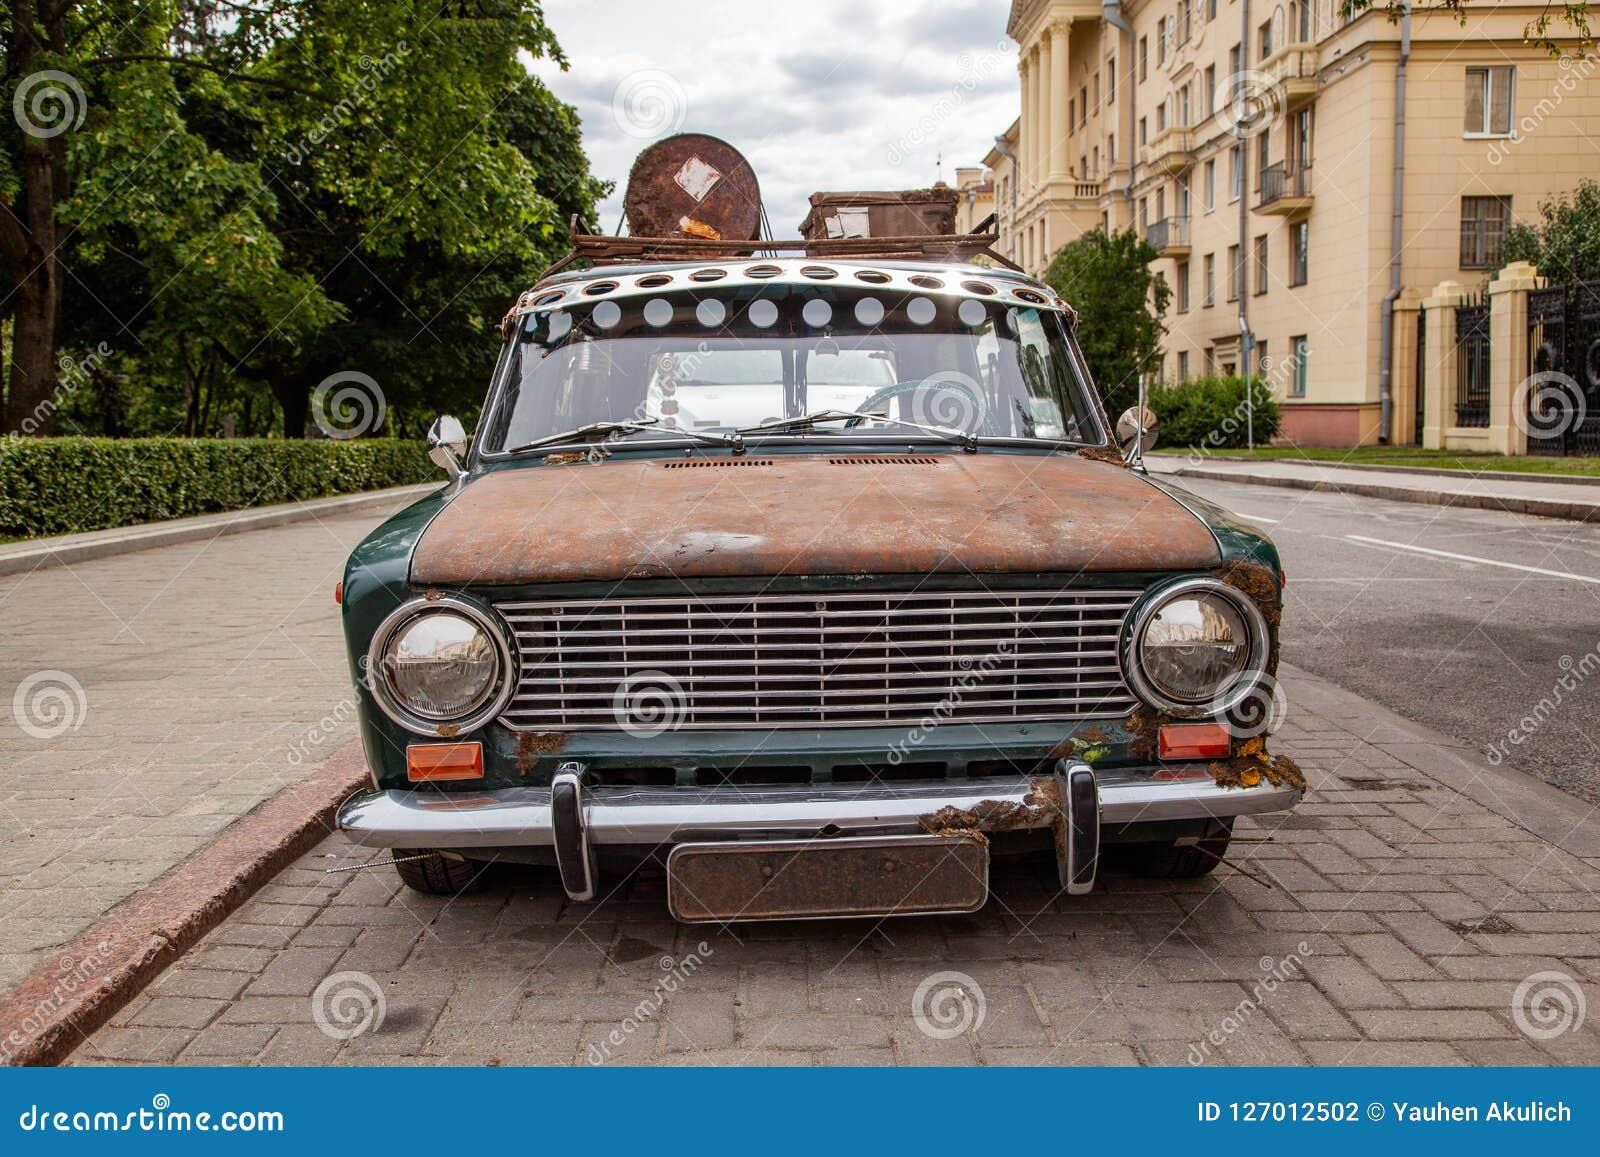 Stary samochód z dachowym stojakiem w mieście